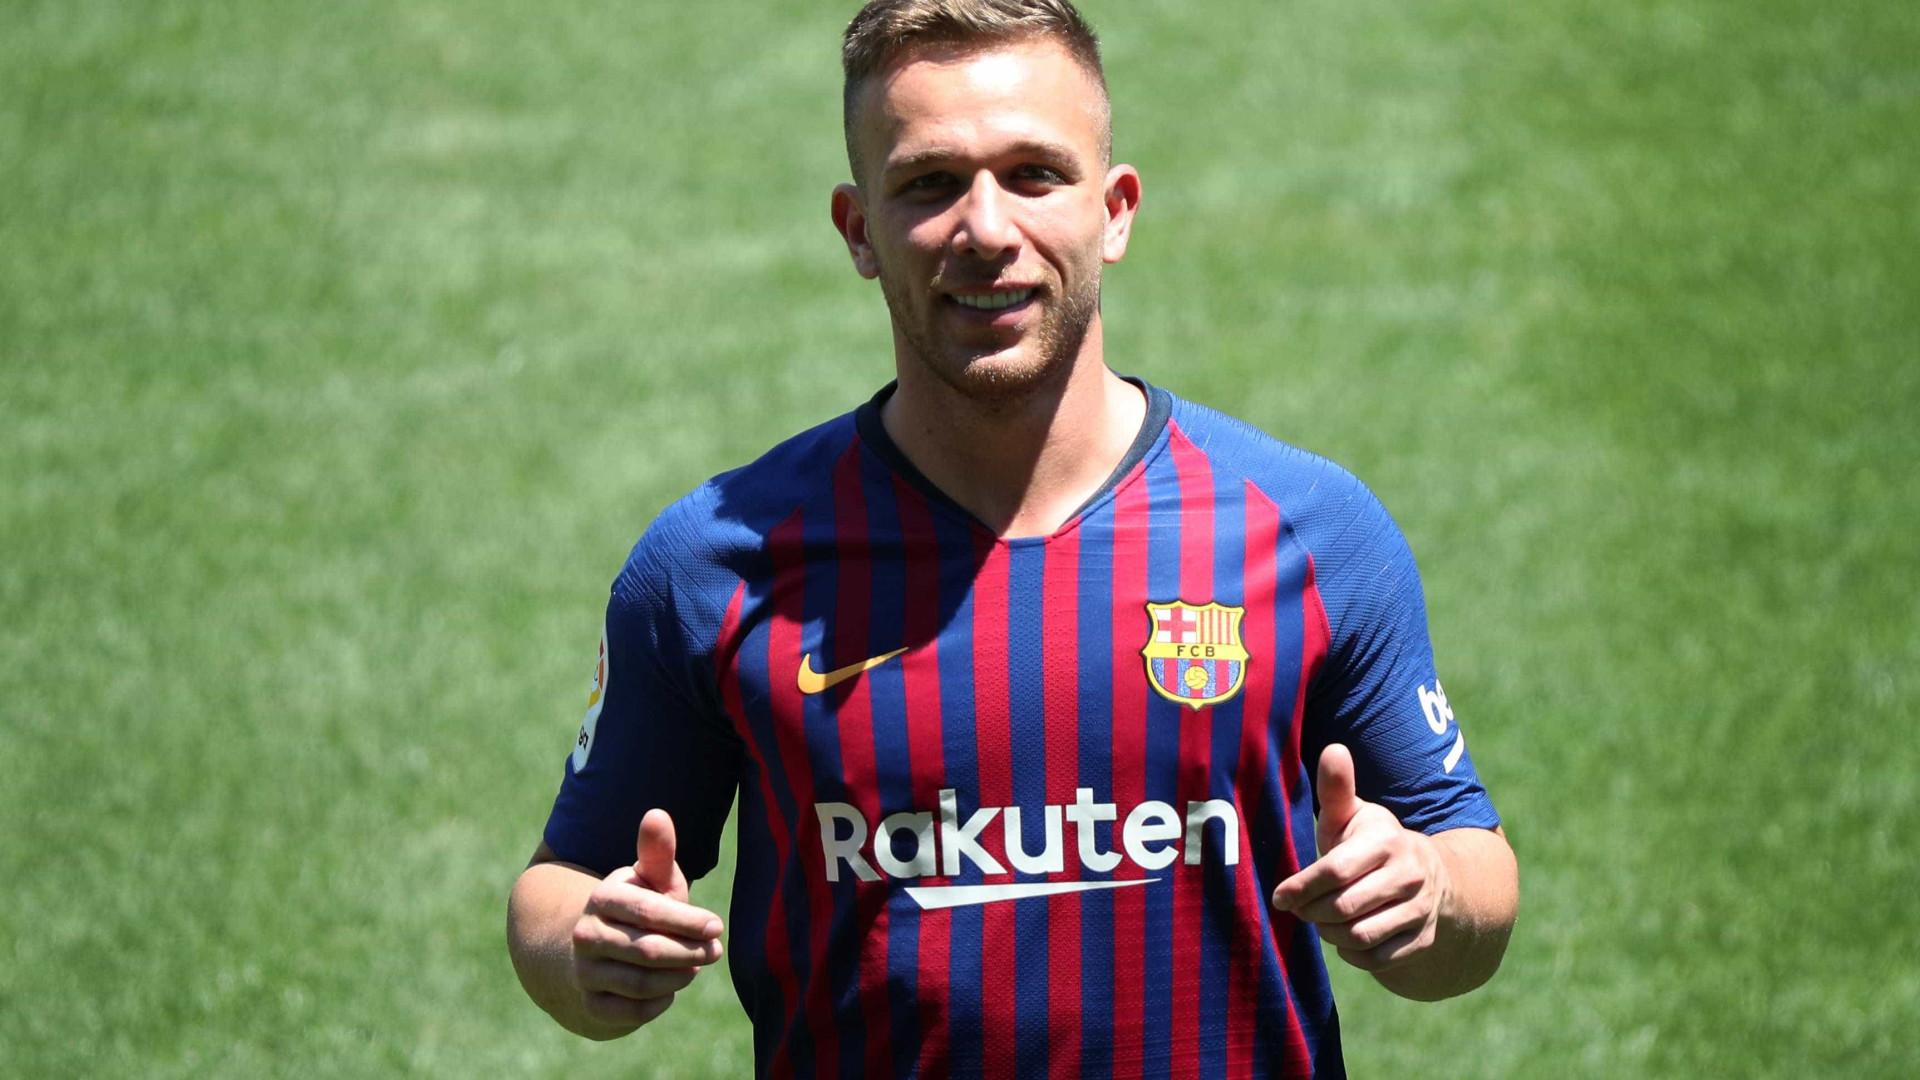 Arthur evita comparações com Xavi e Iniesta em apresentação no Barça